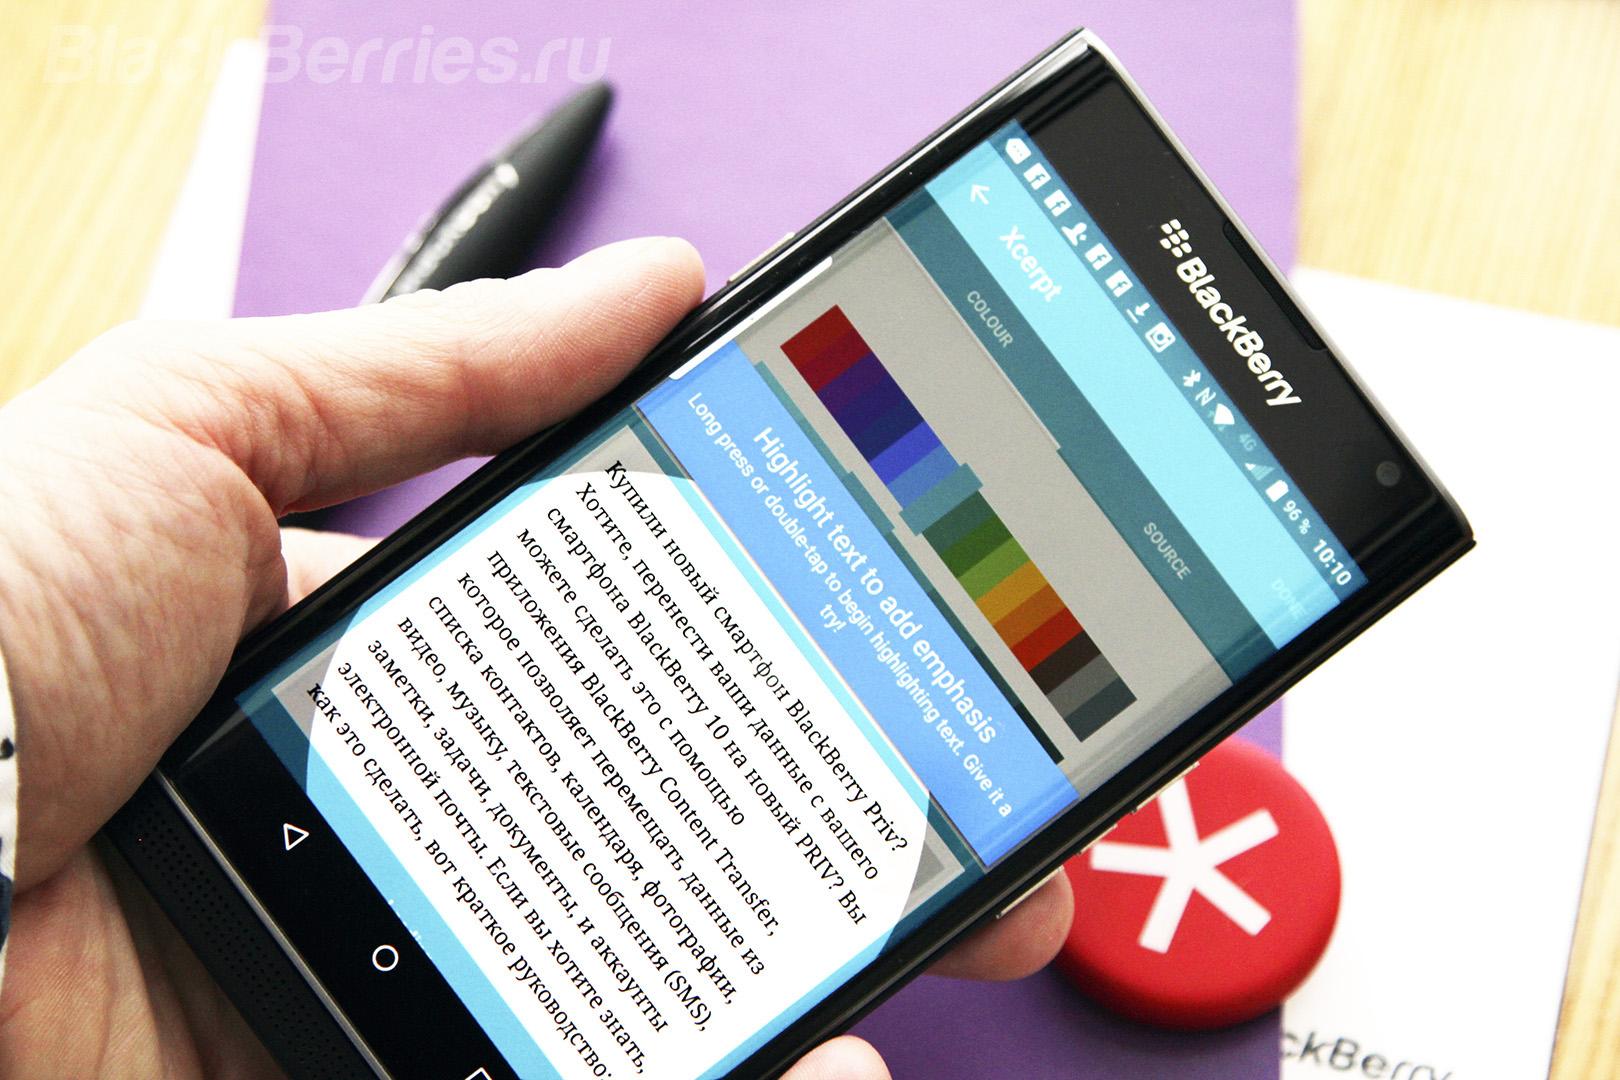 BlackBerry-Apps-21-11-07